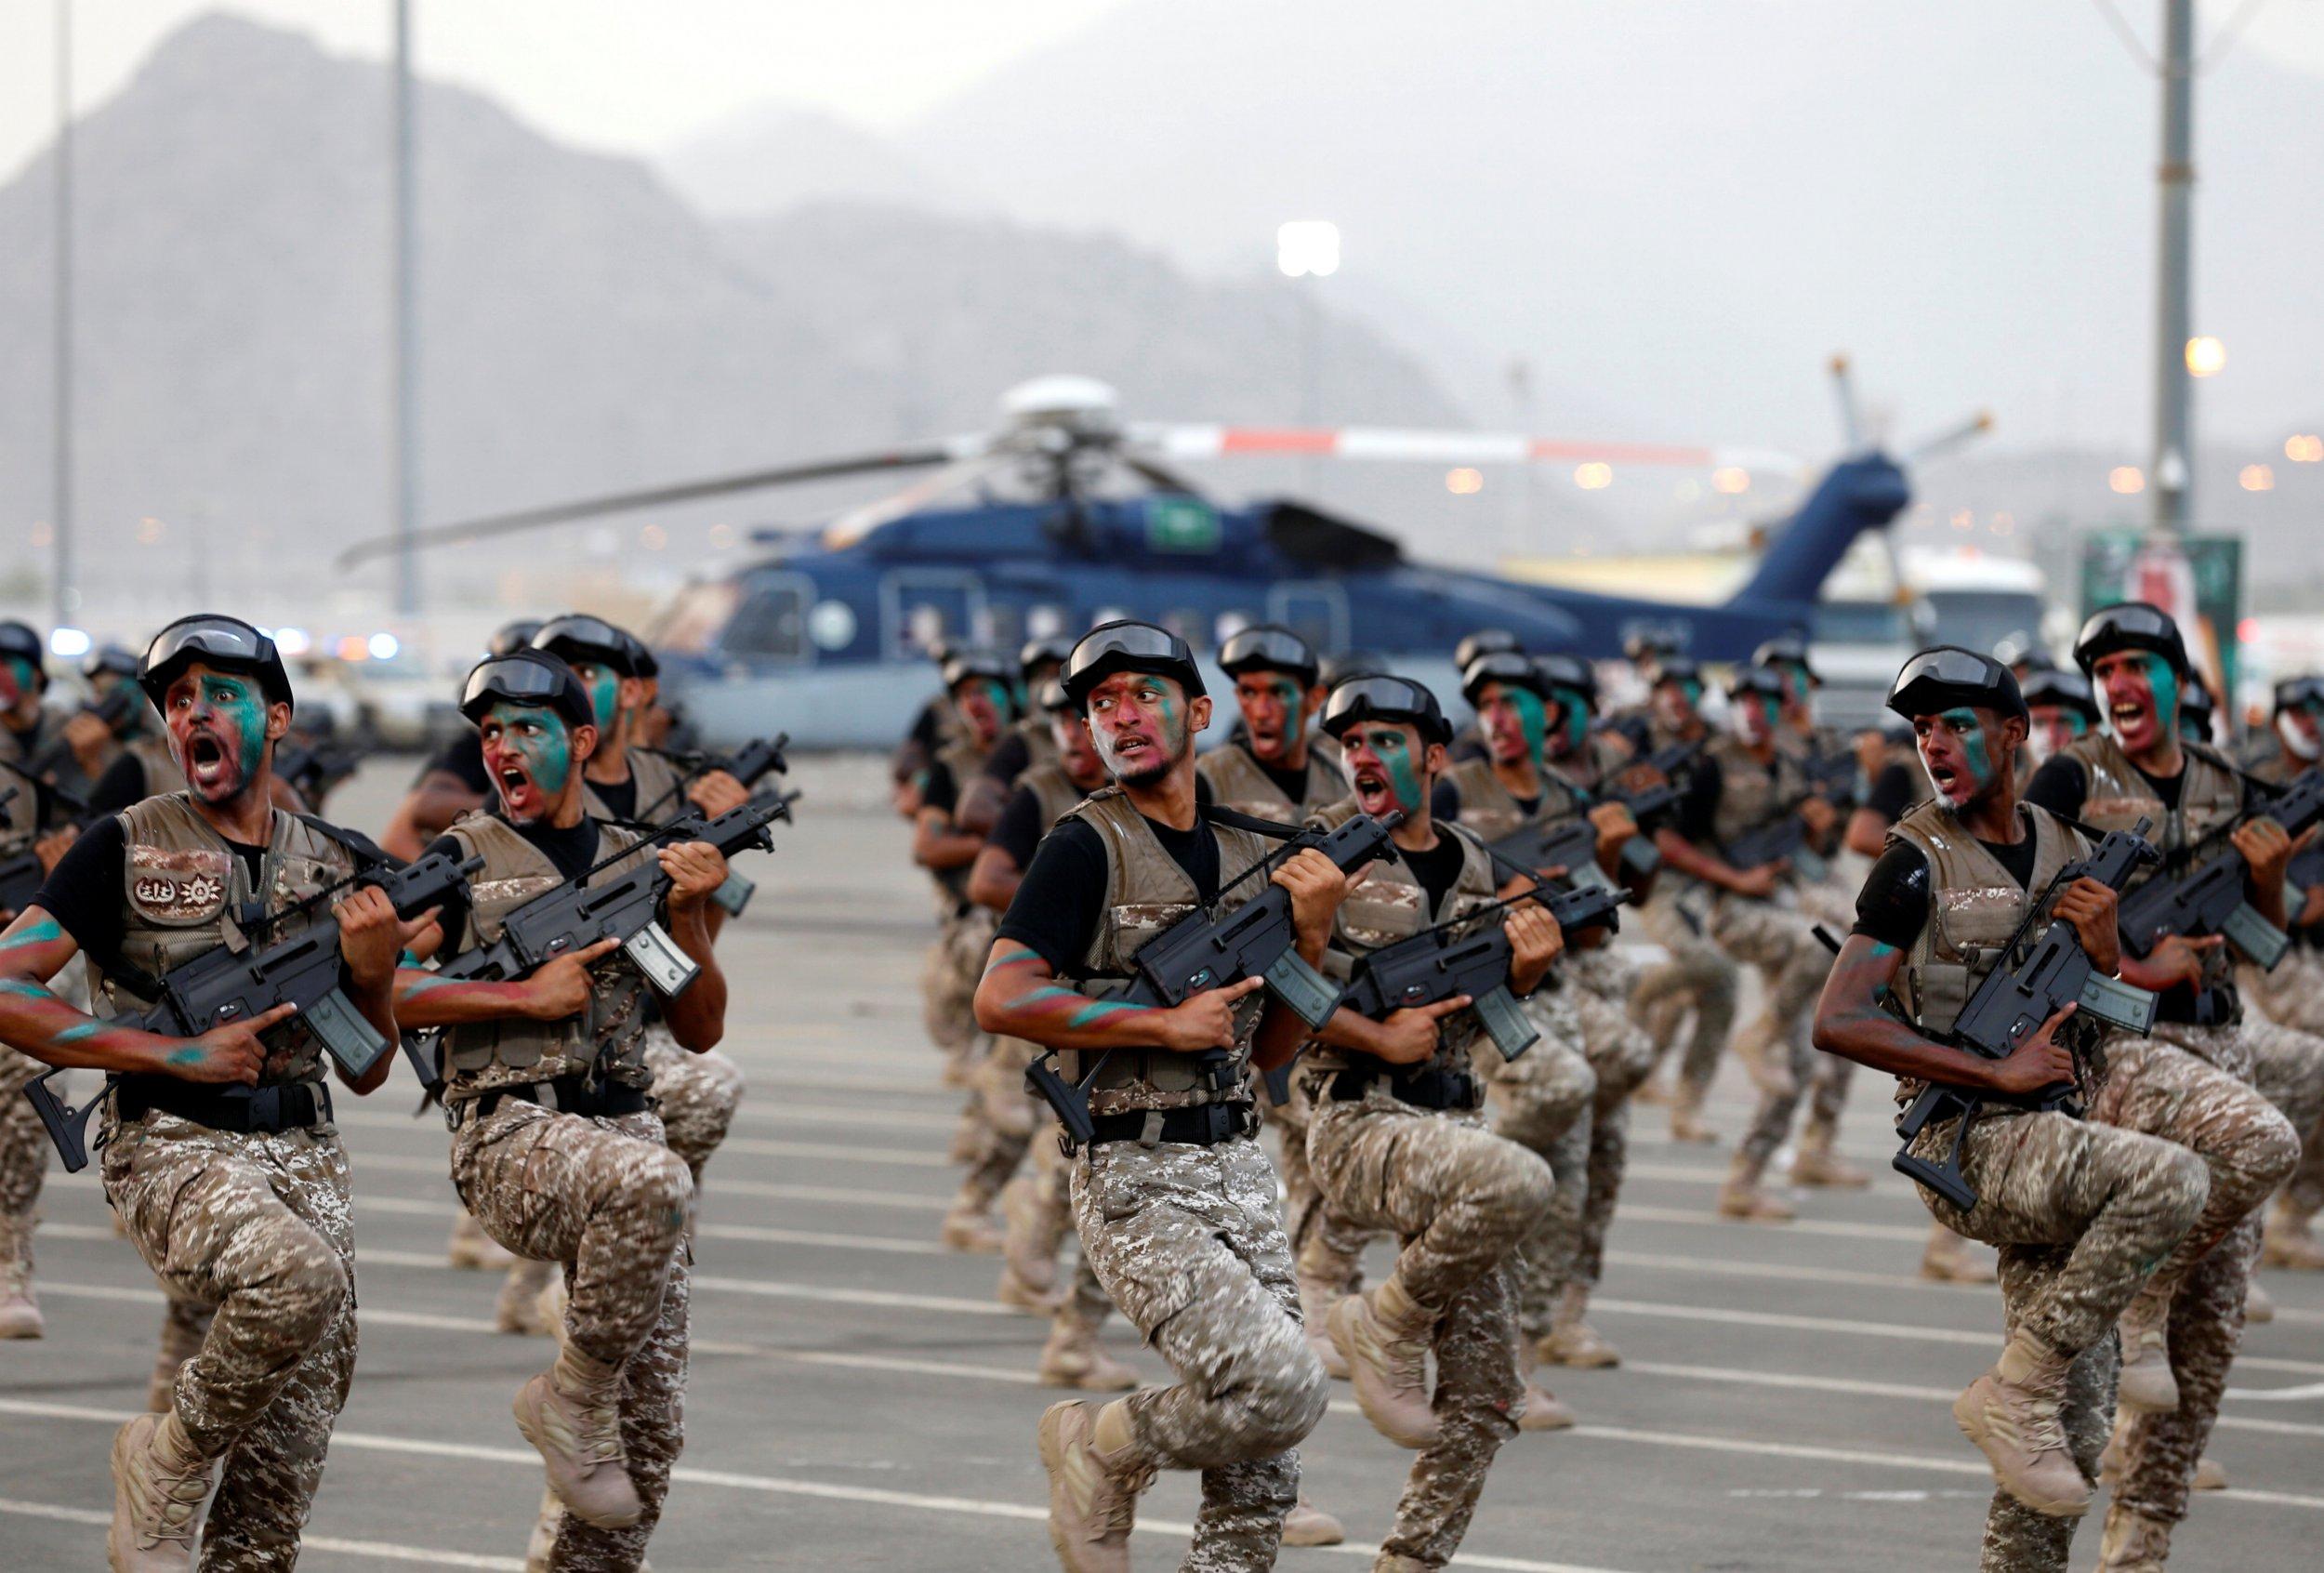 saudi arabia soldier ile ilgili görsel sonucu